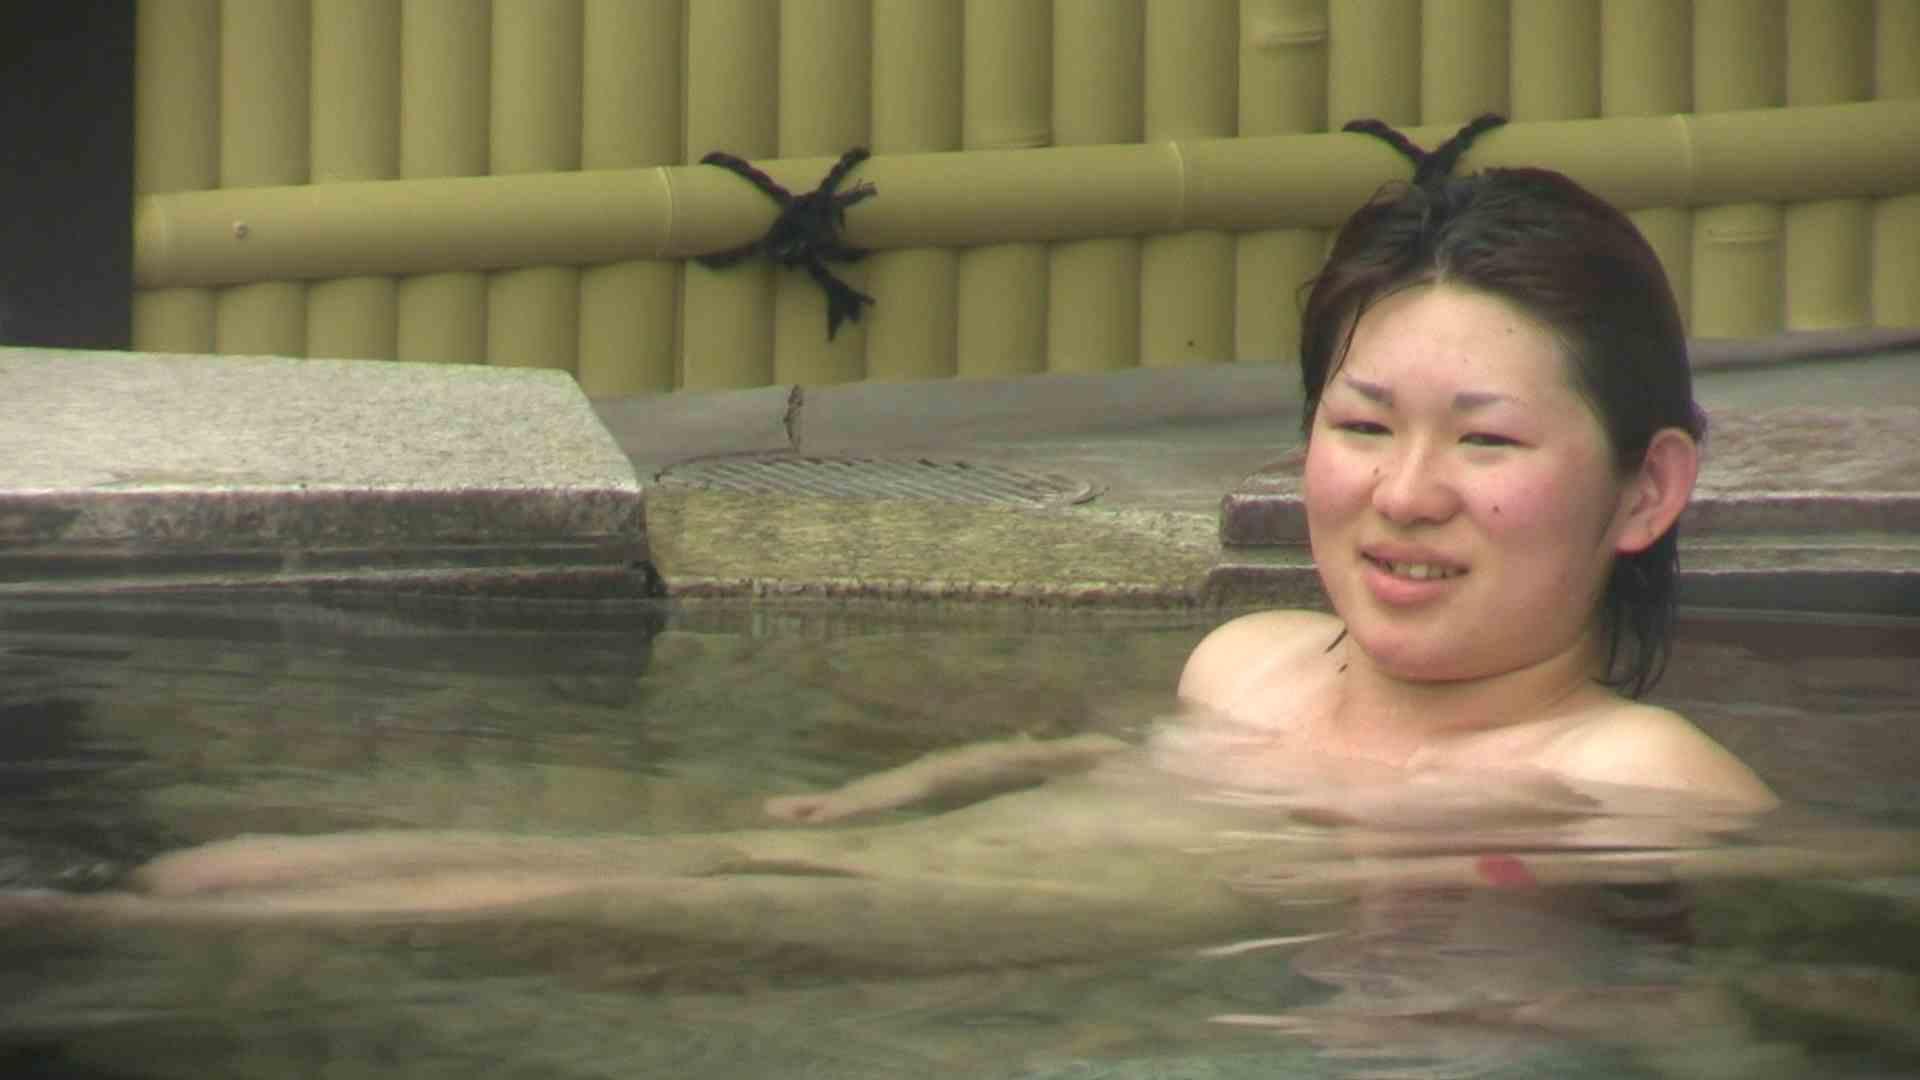 Aquaな露天風呂Vol.673 OLエロ画像  104PICs 90